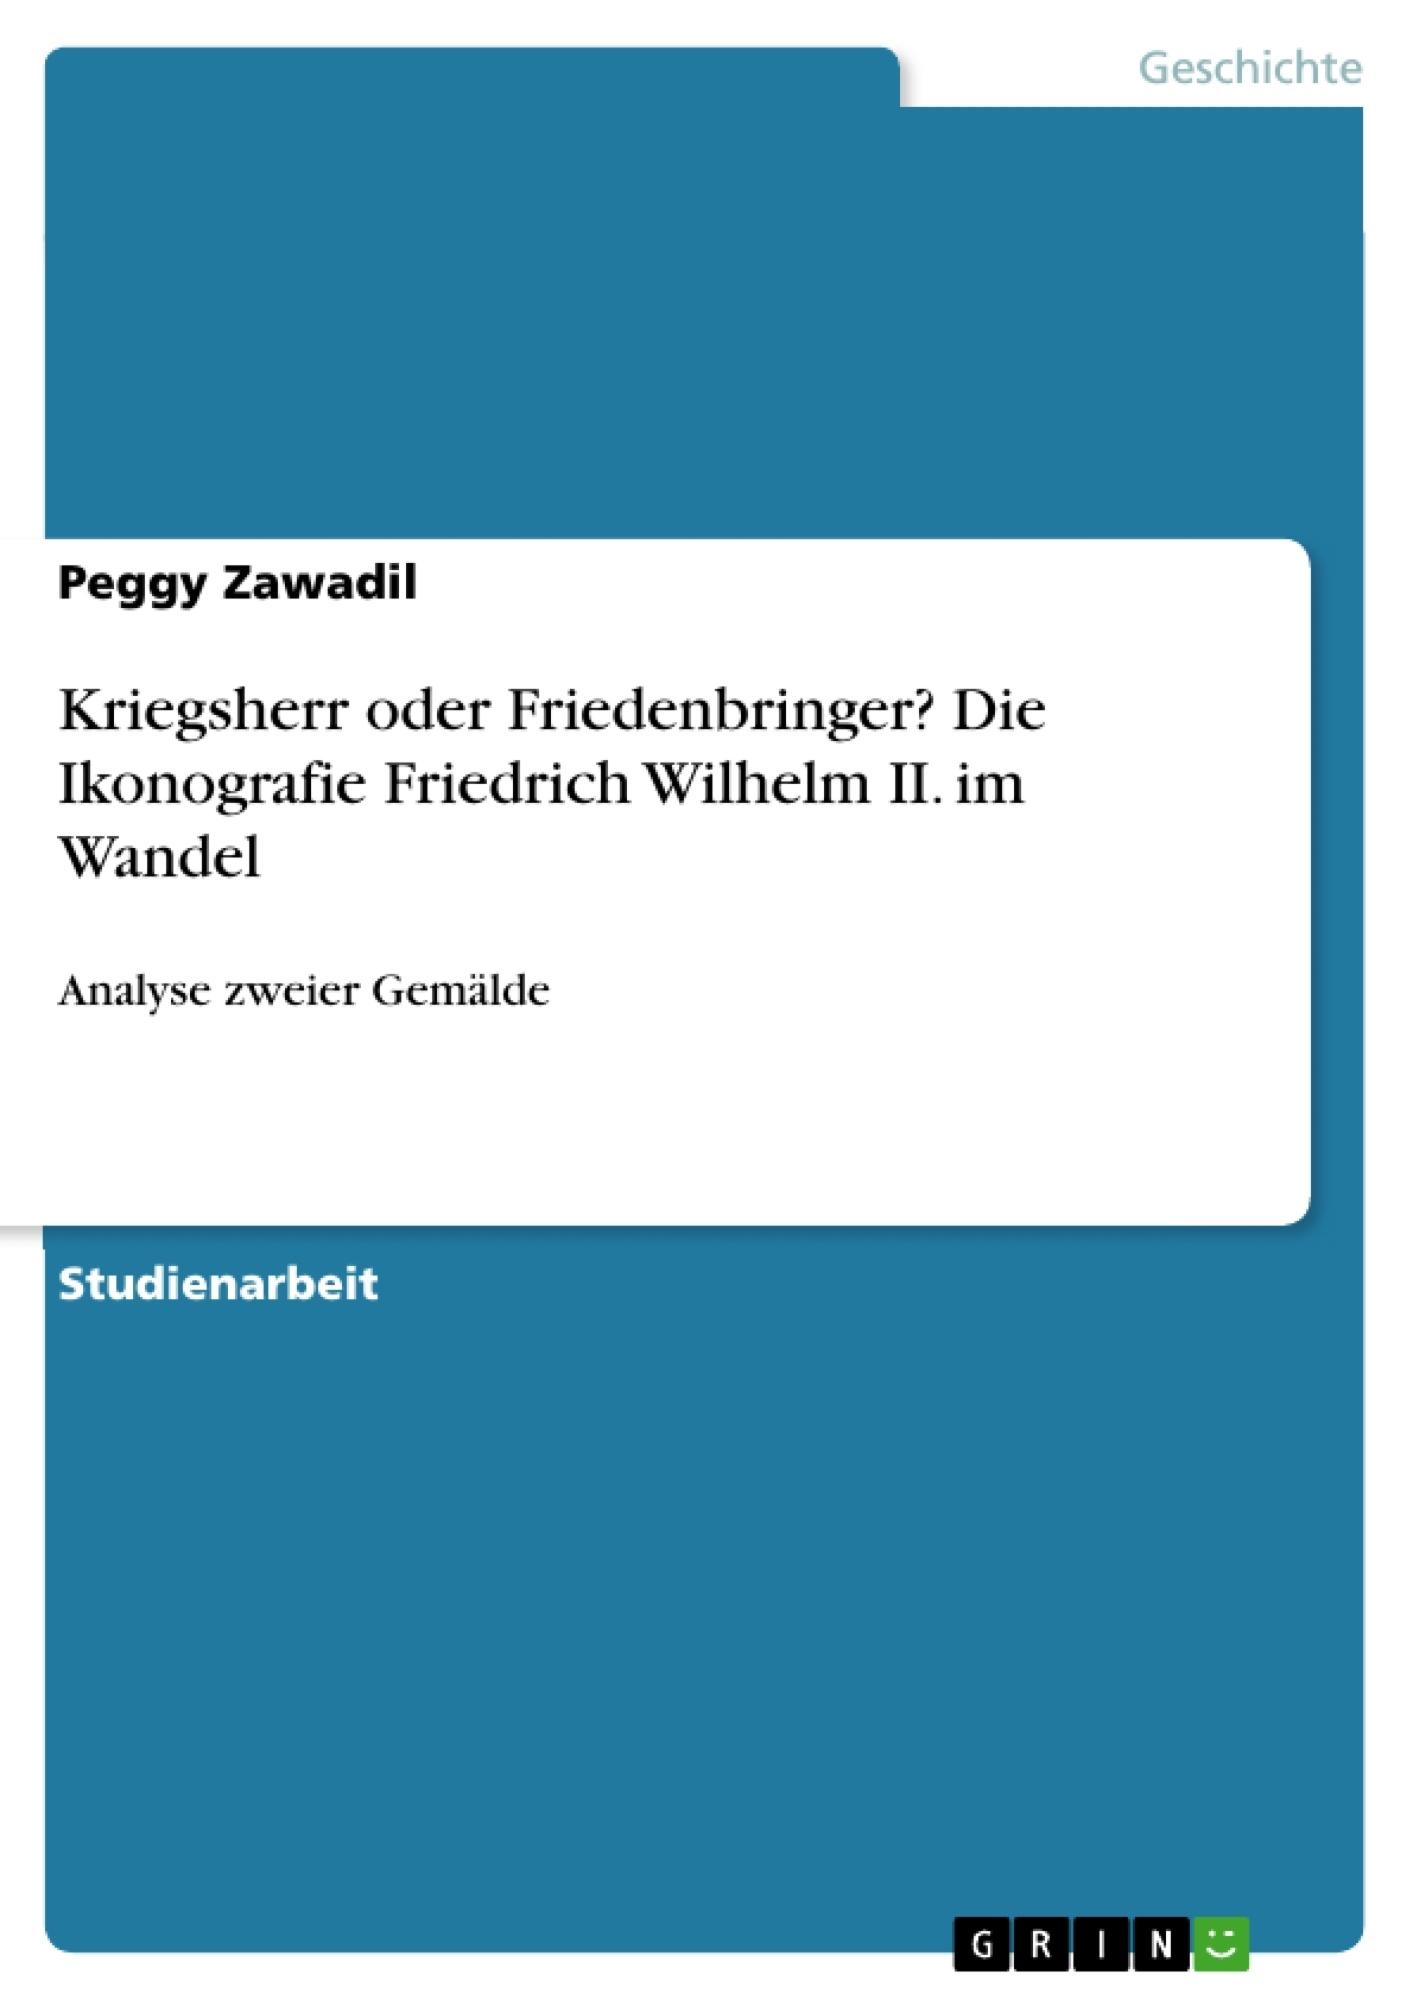 Titel: Kriegsherr oder Friedenbringer? Die Ikonografie Friedrich Wilhelm II. im Wandel